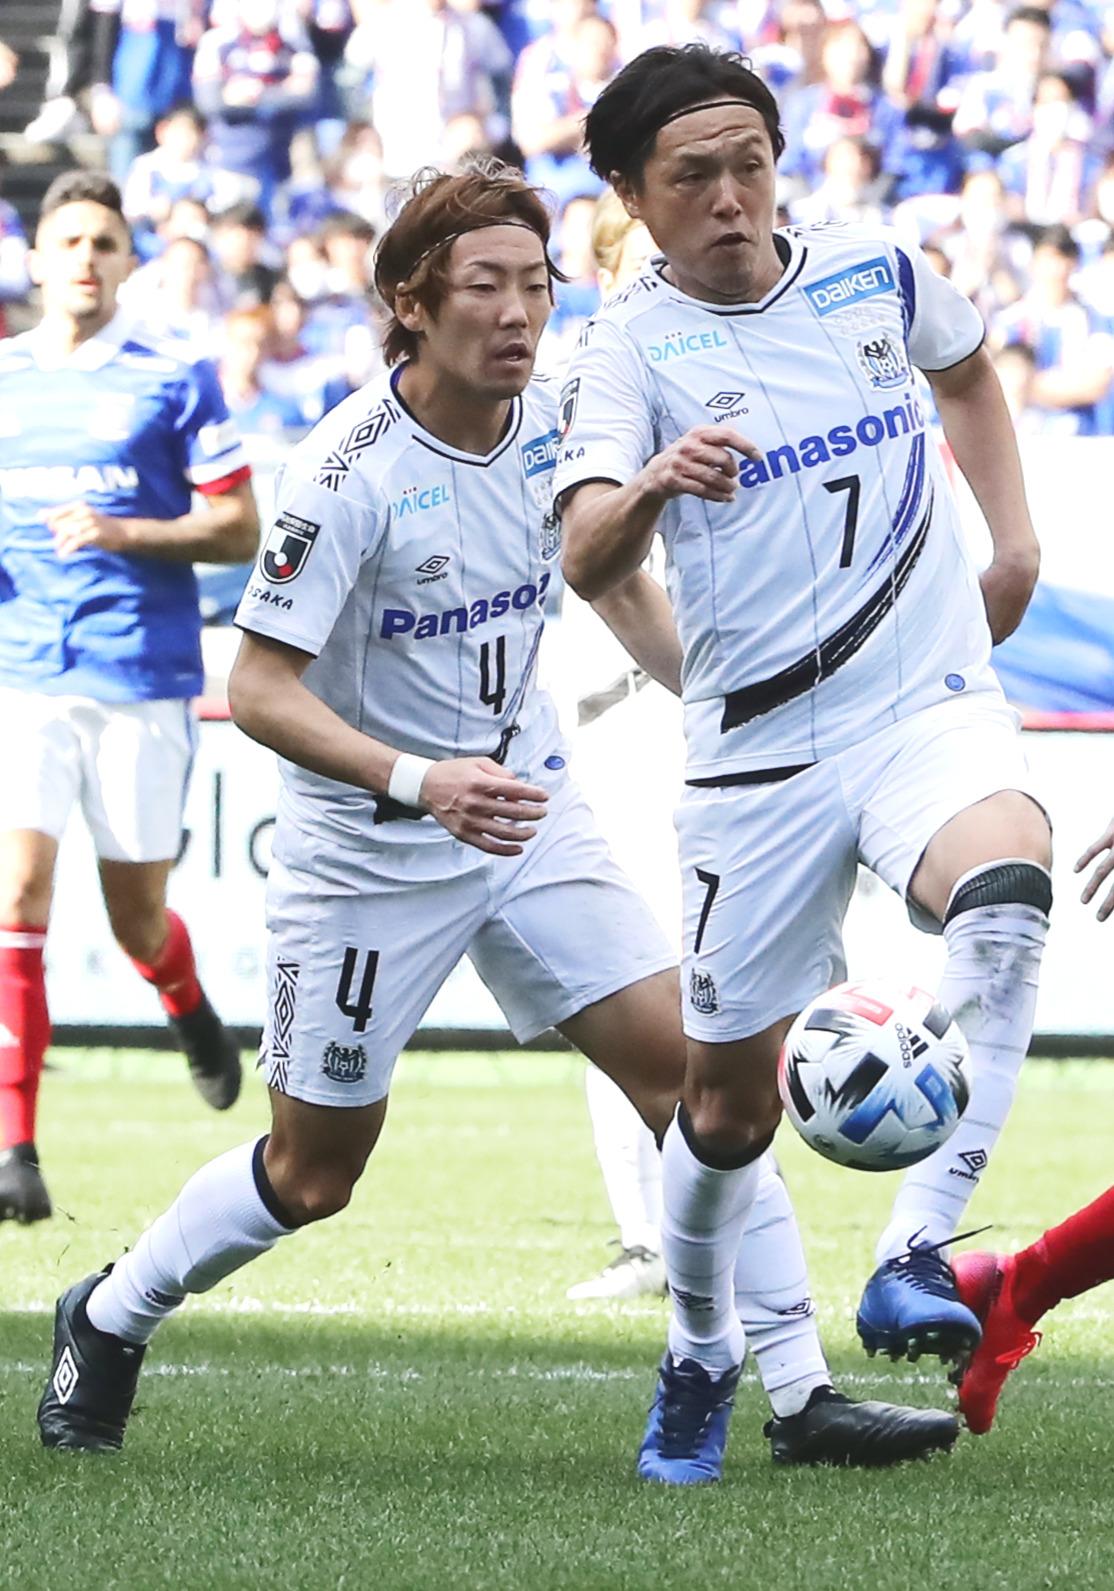 横浜対G大阪 前半、ボールを奪うG大阪MF遠藤(撮影・浅見桂子)